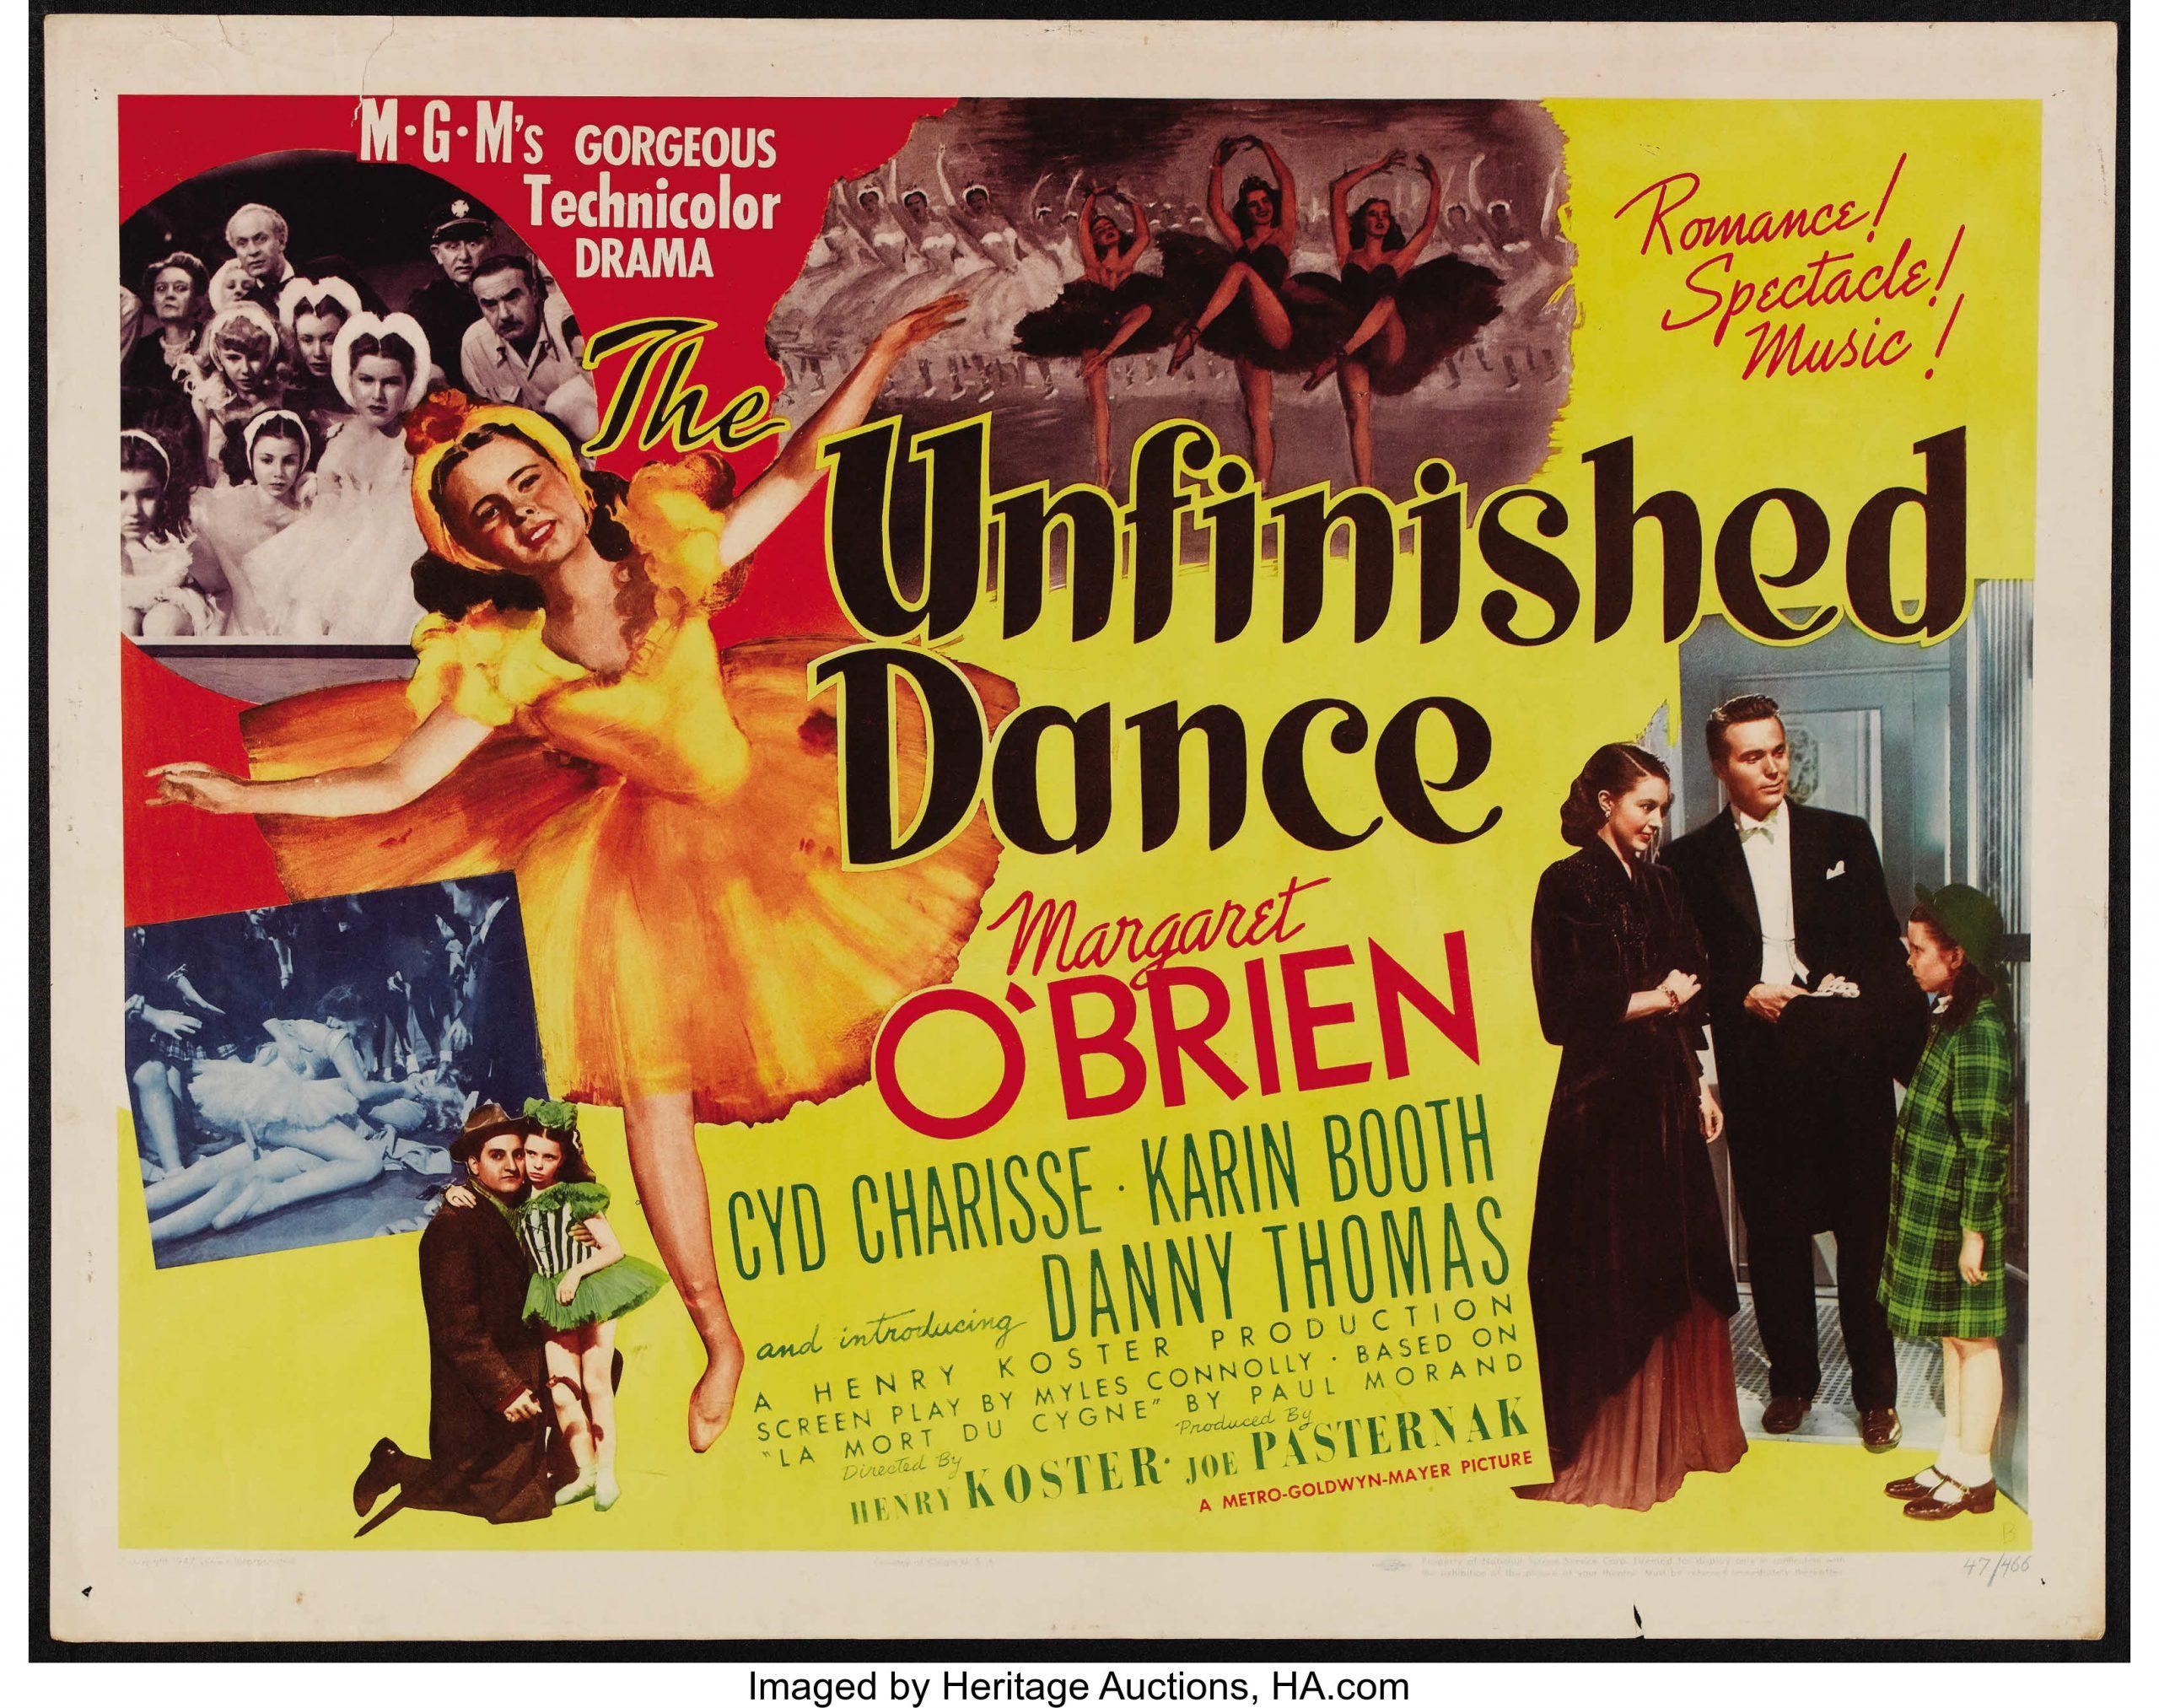 დაუსრულებელი ცეკვა / The Unfinished Dance